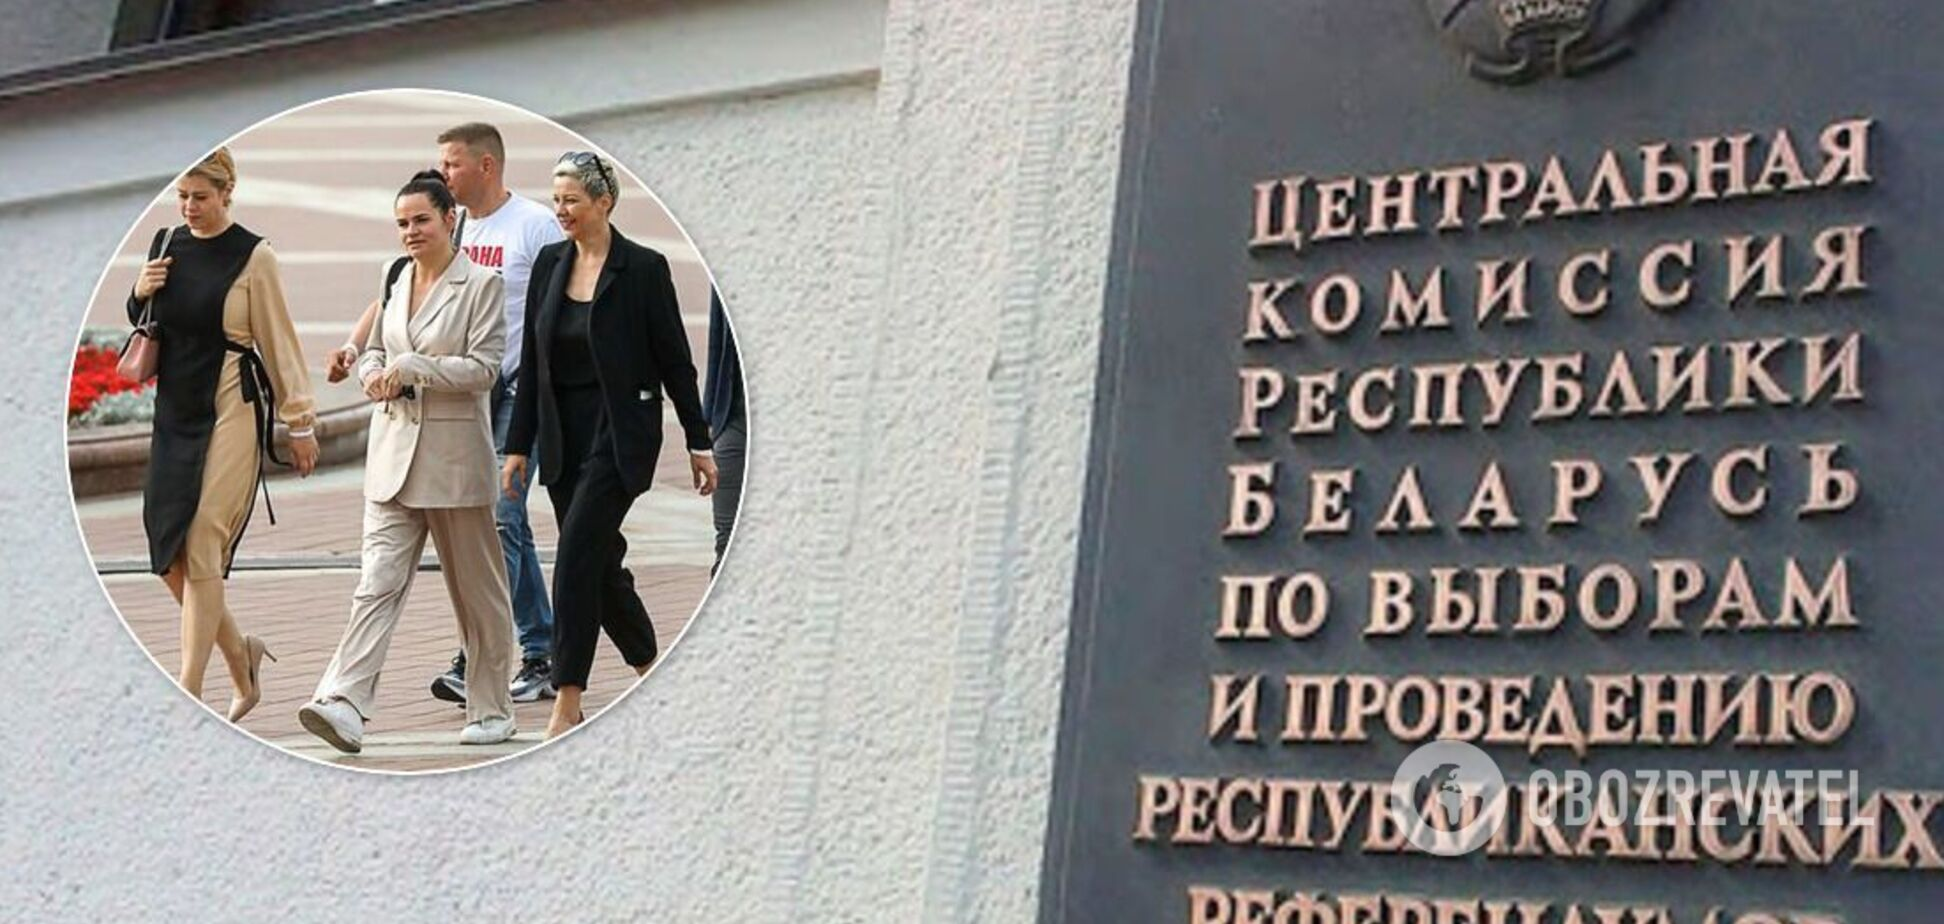 Кандидаты в президенты Беларуси срочно созваны в ЦИК